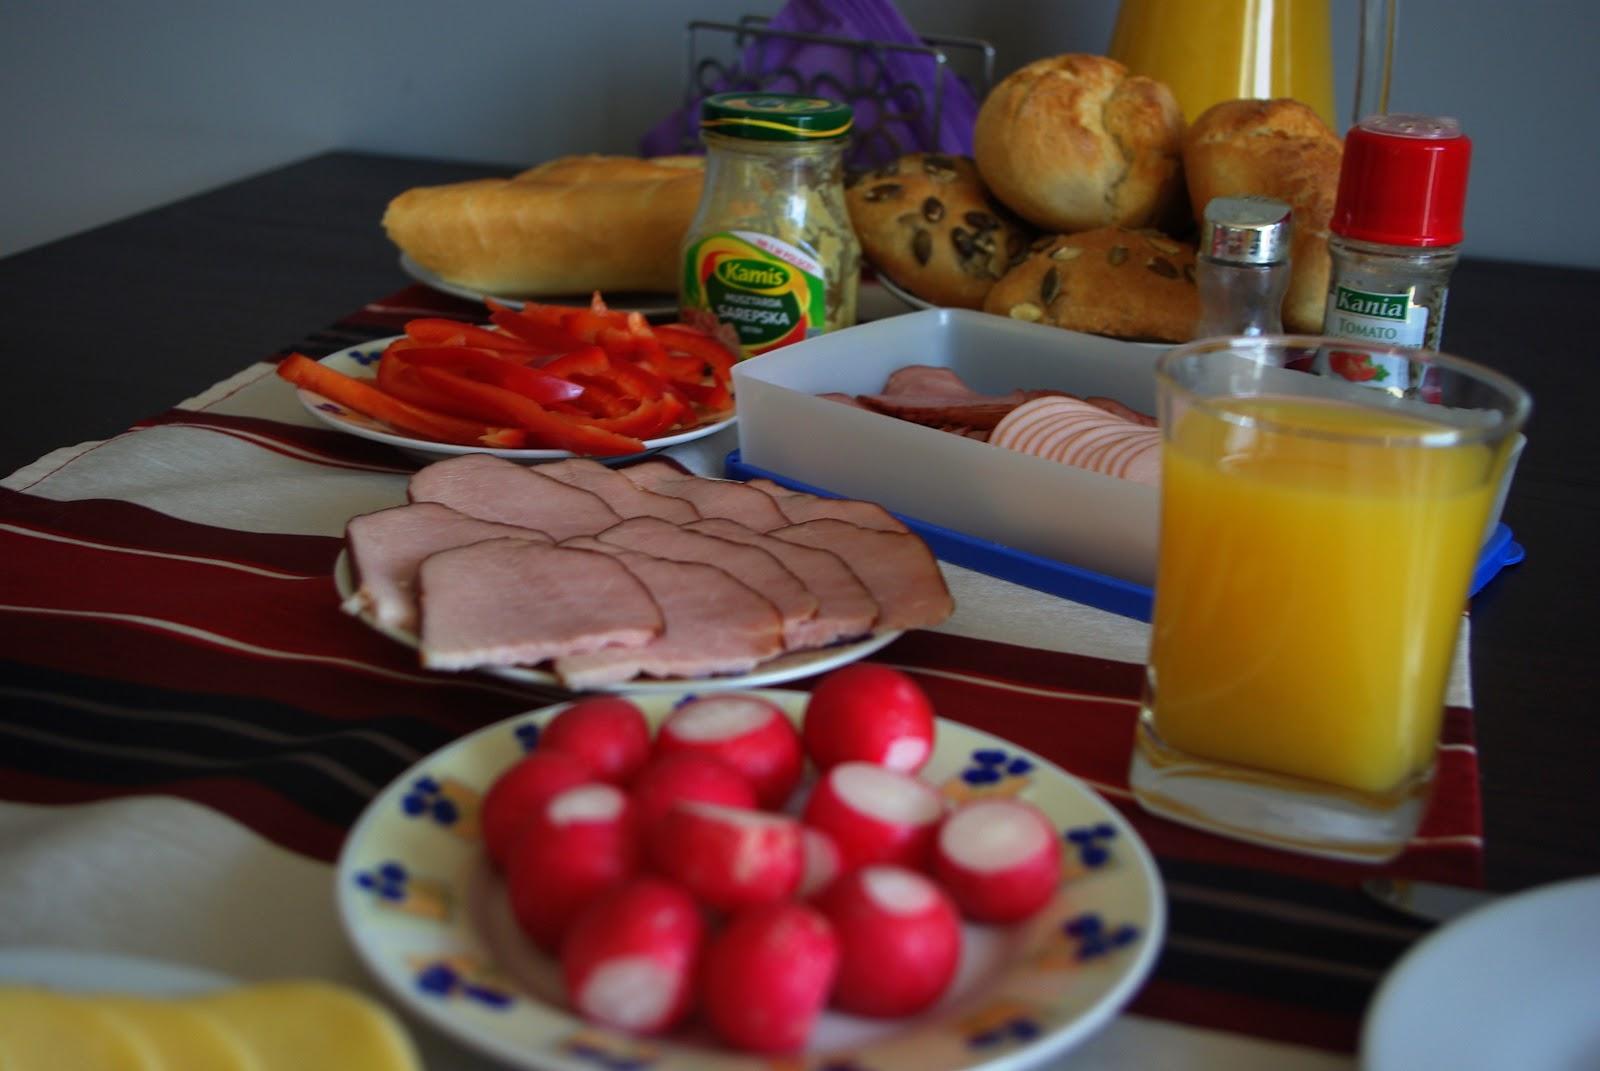 Śniadanie - najważniejszy posiłek w ciągu dnia.